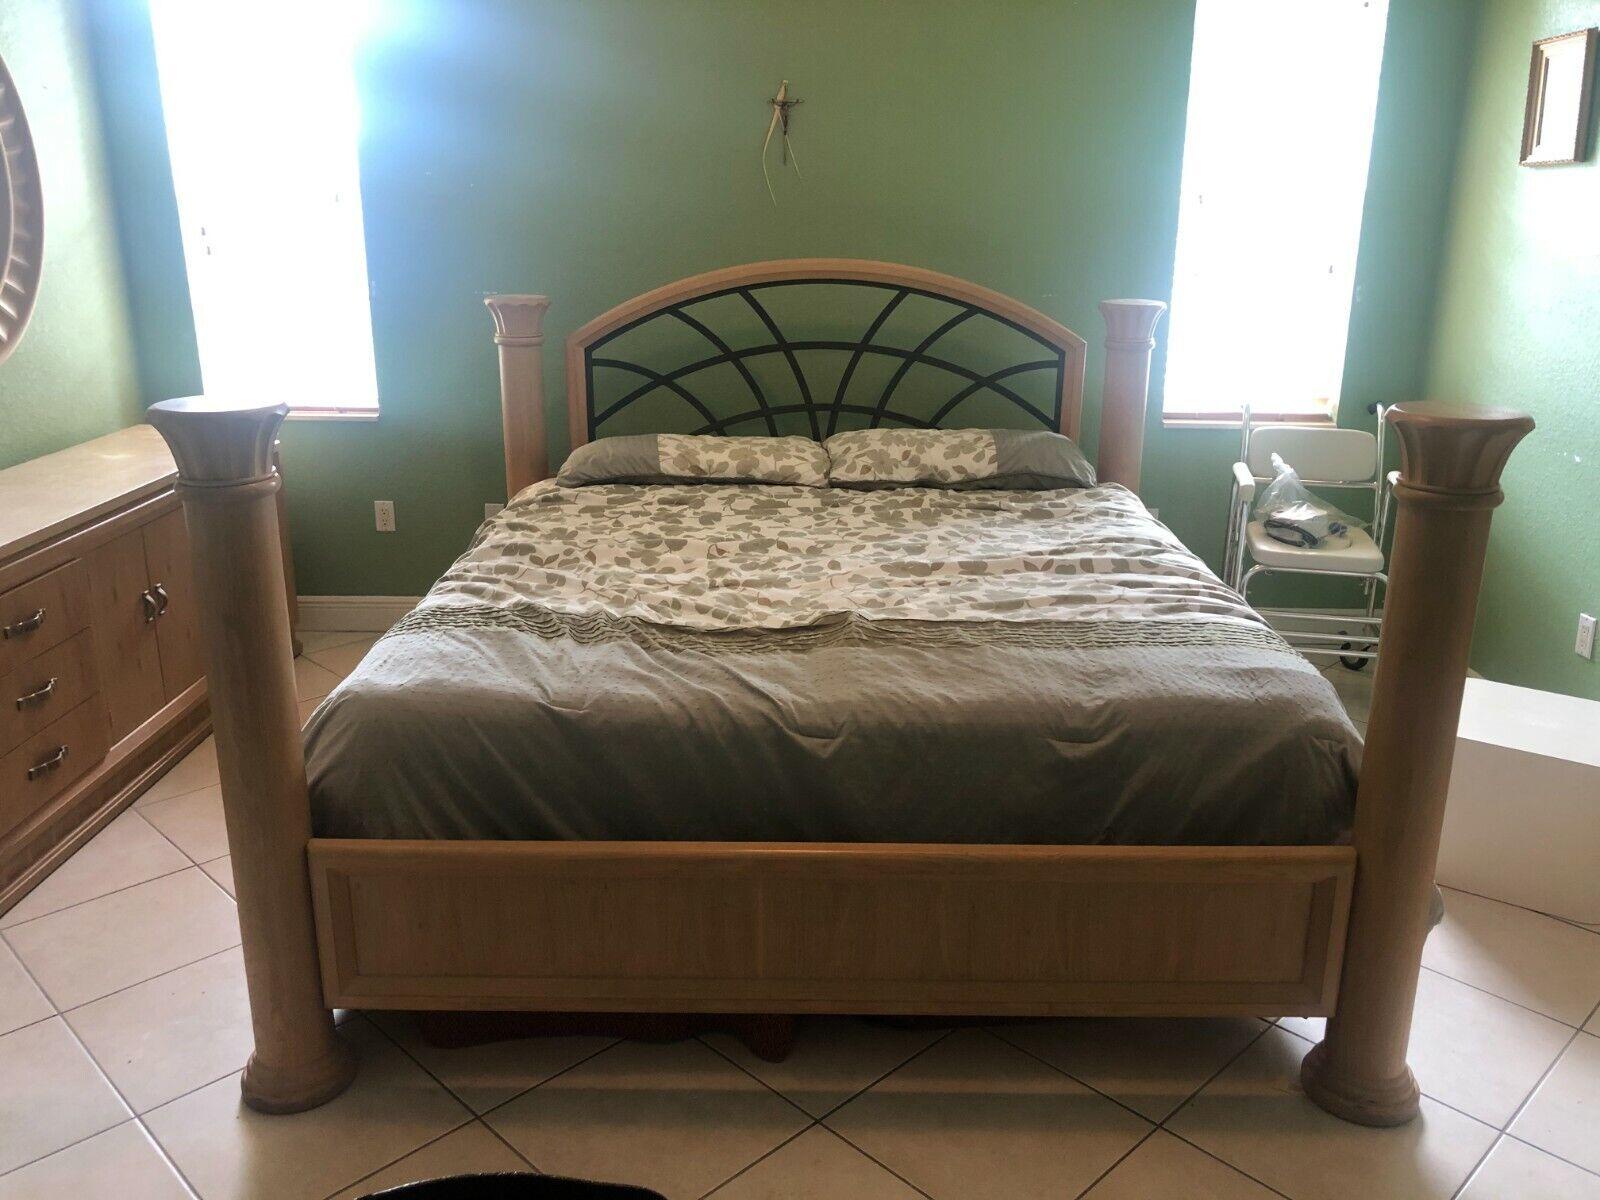 Thomasville Furniture Deschanel Bedroom Suit King Bed Dressers Chest Nightstands For Sale Online Ebay